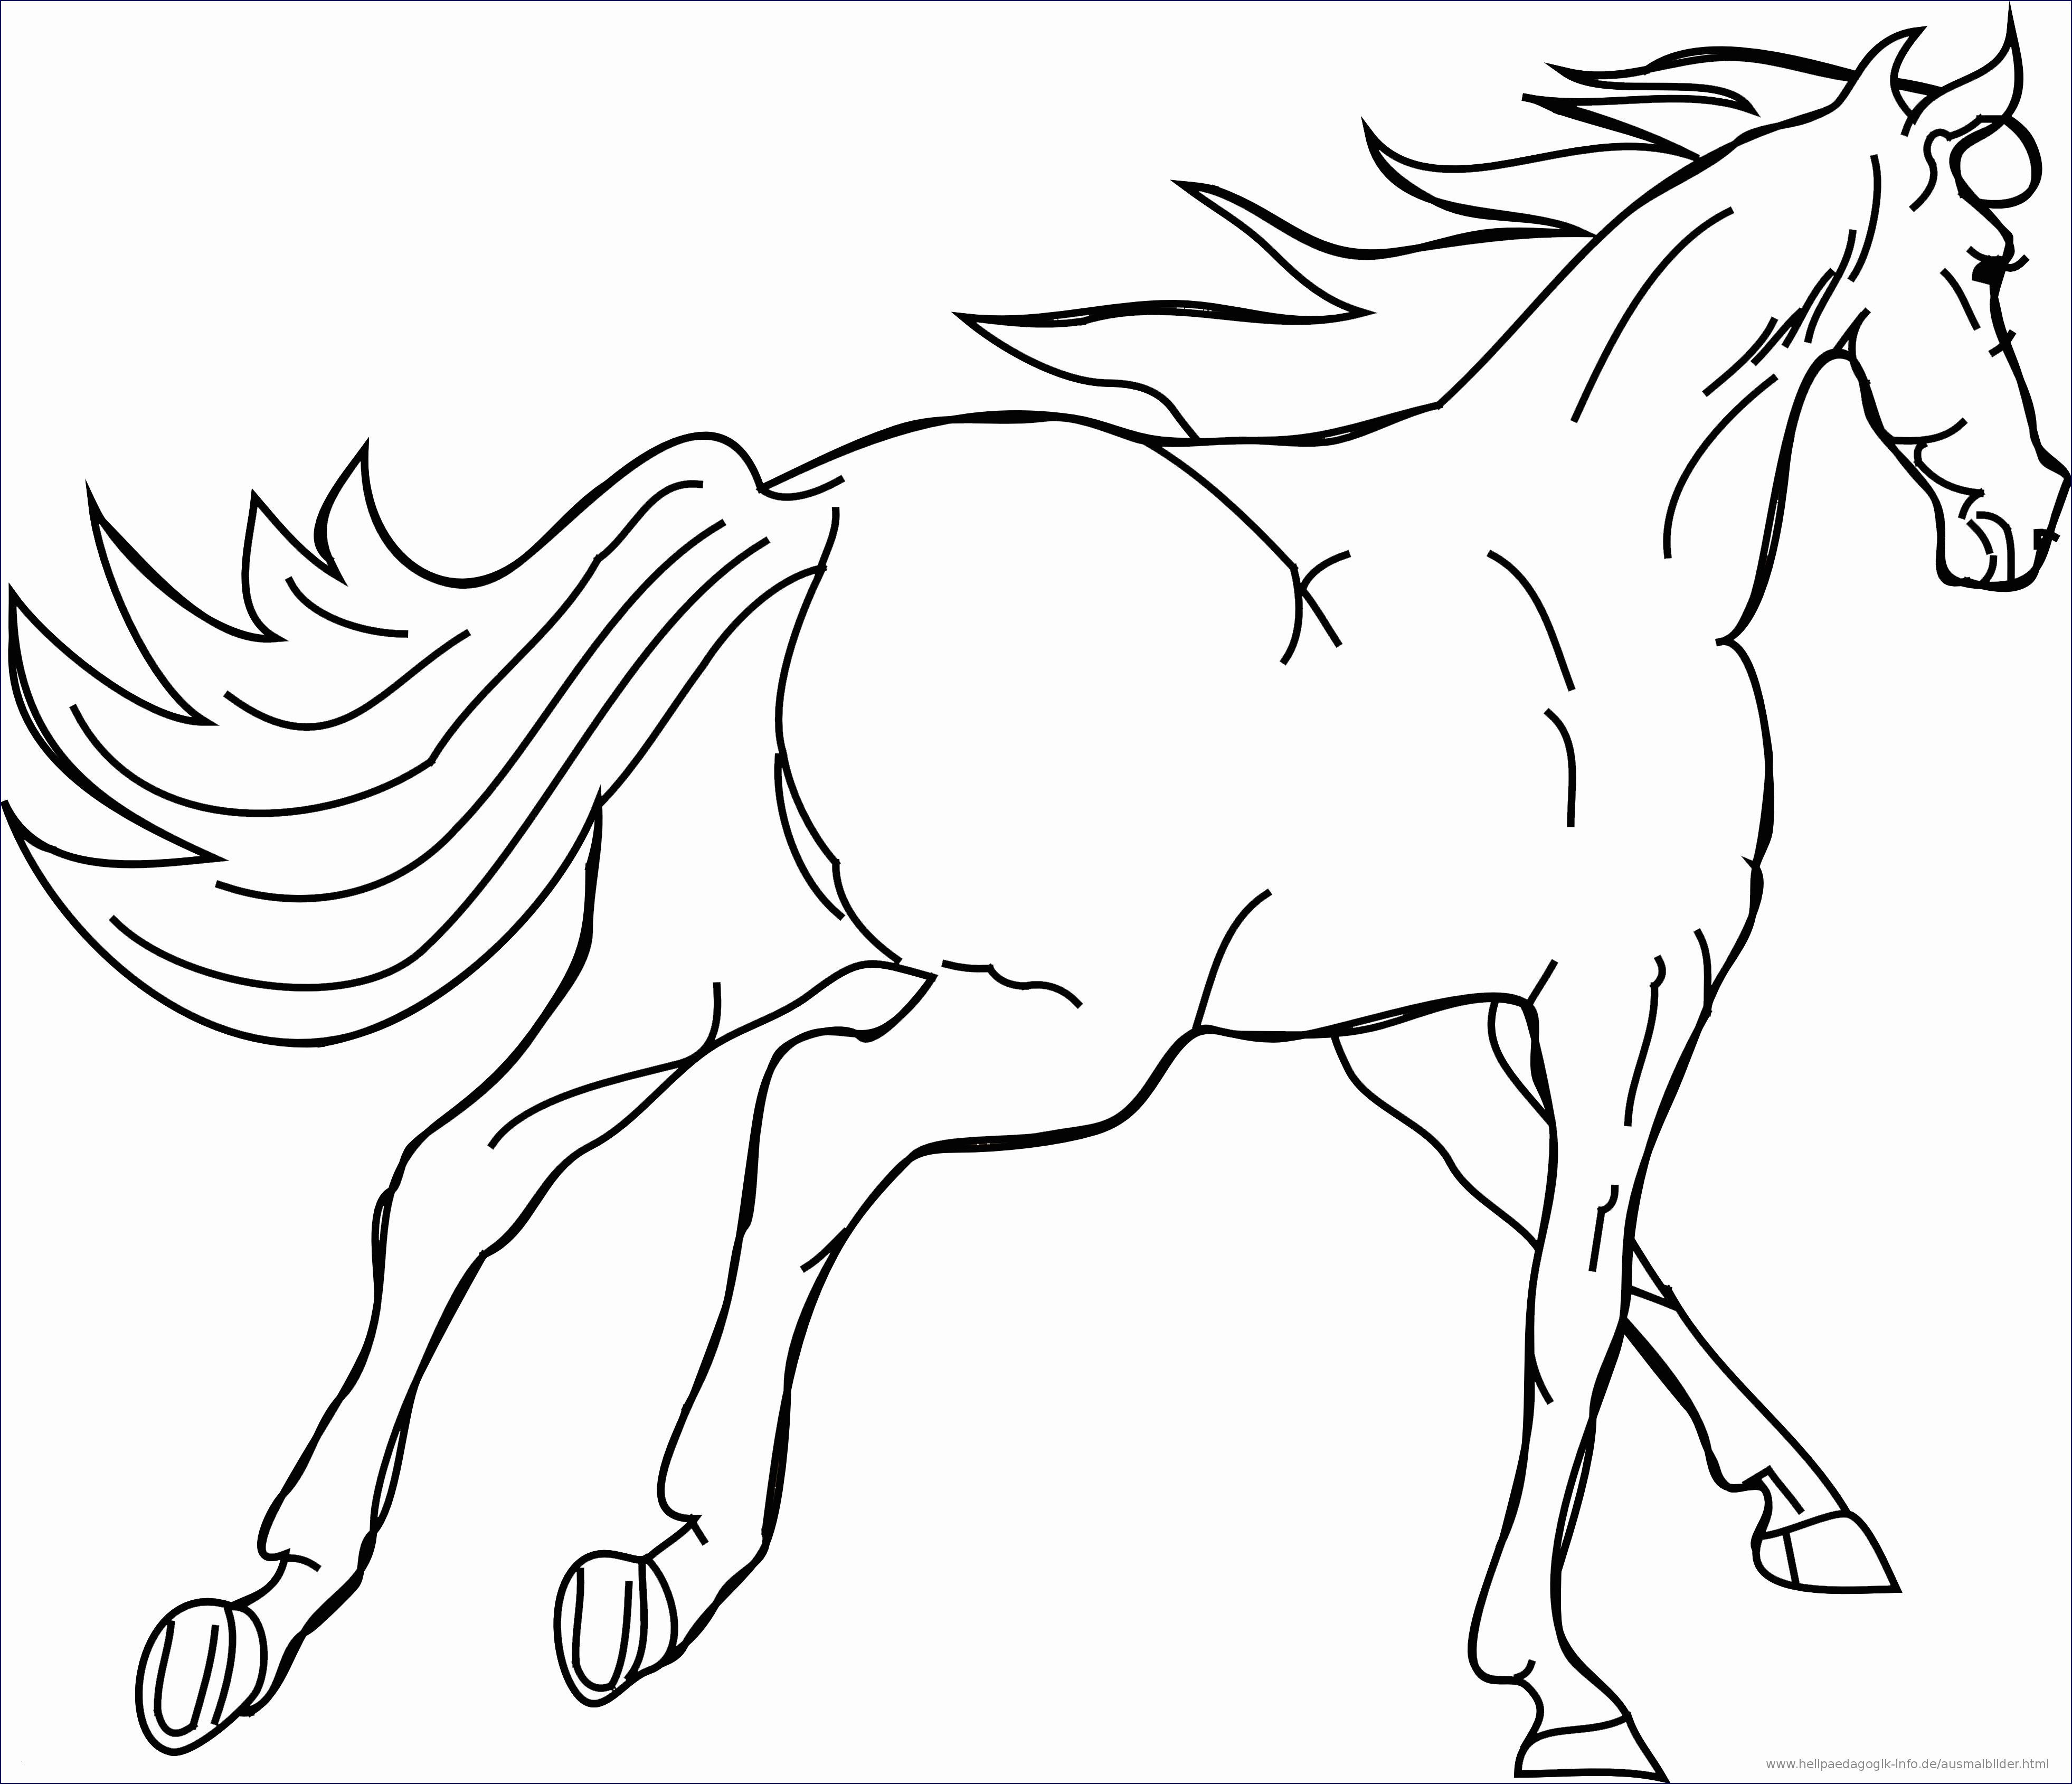 Ausmalbilder Filly Pferde Genial Filly Pferd Ausmalbilder Genial 42 Neu Bild Von Ausmalbilder Von Sammlung